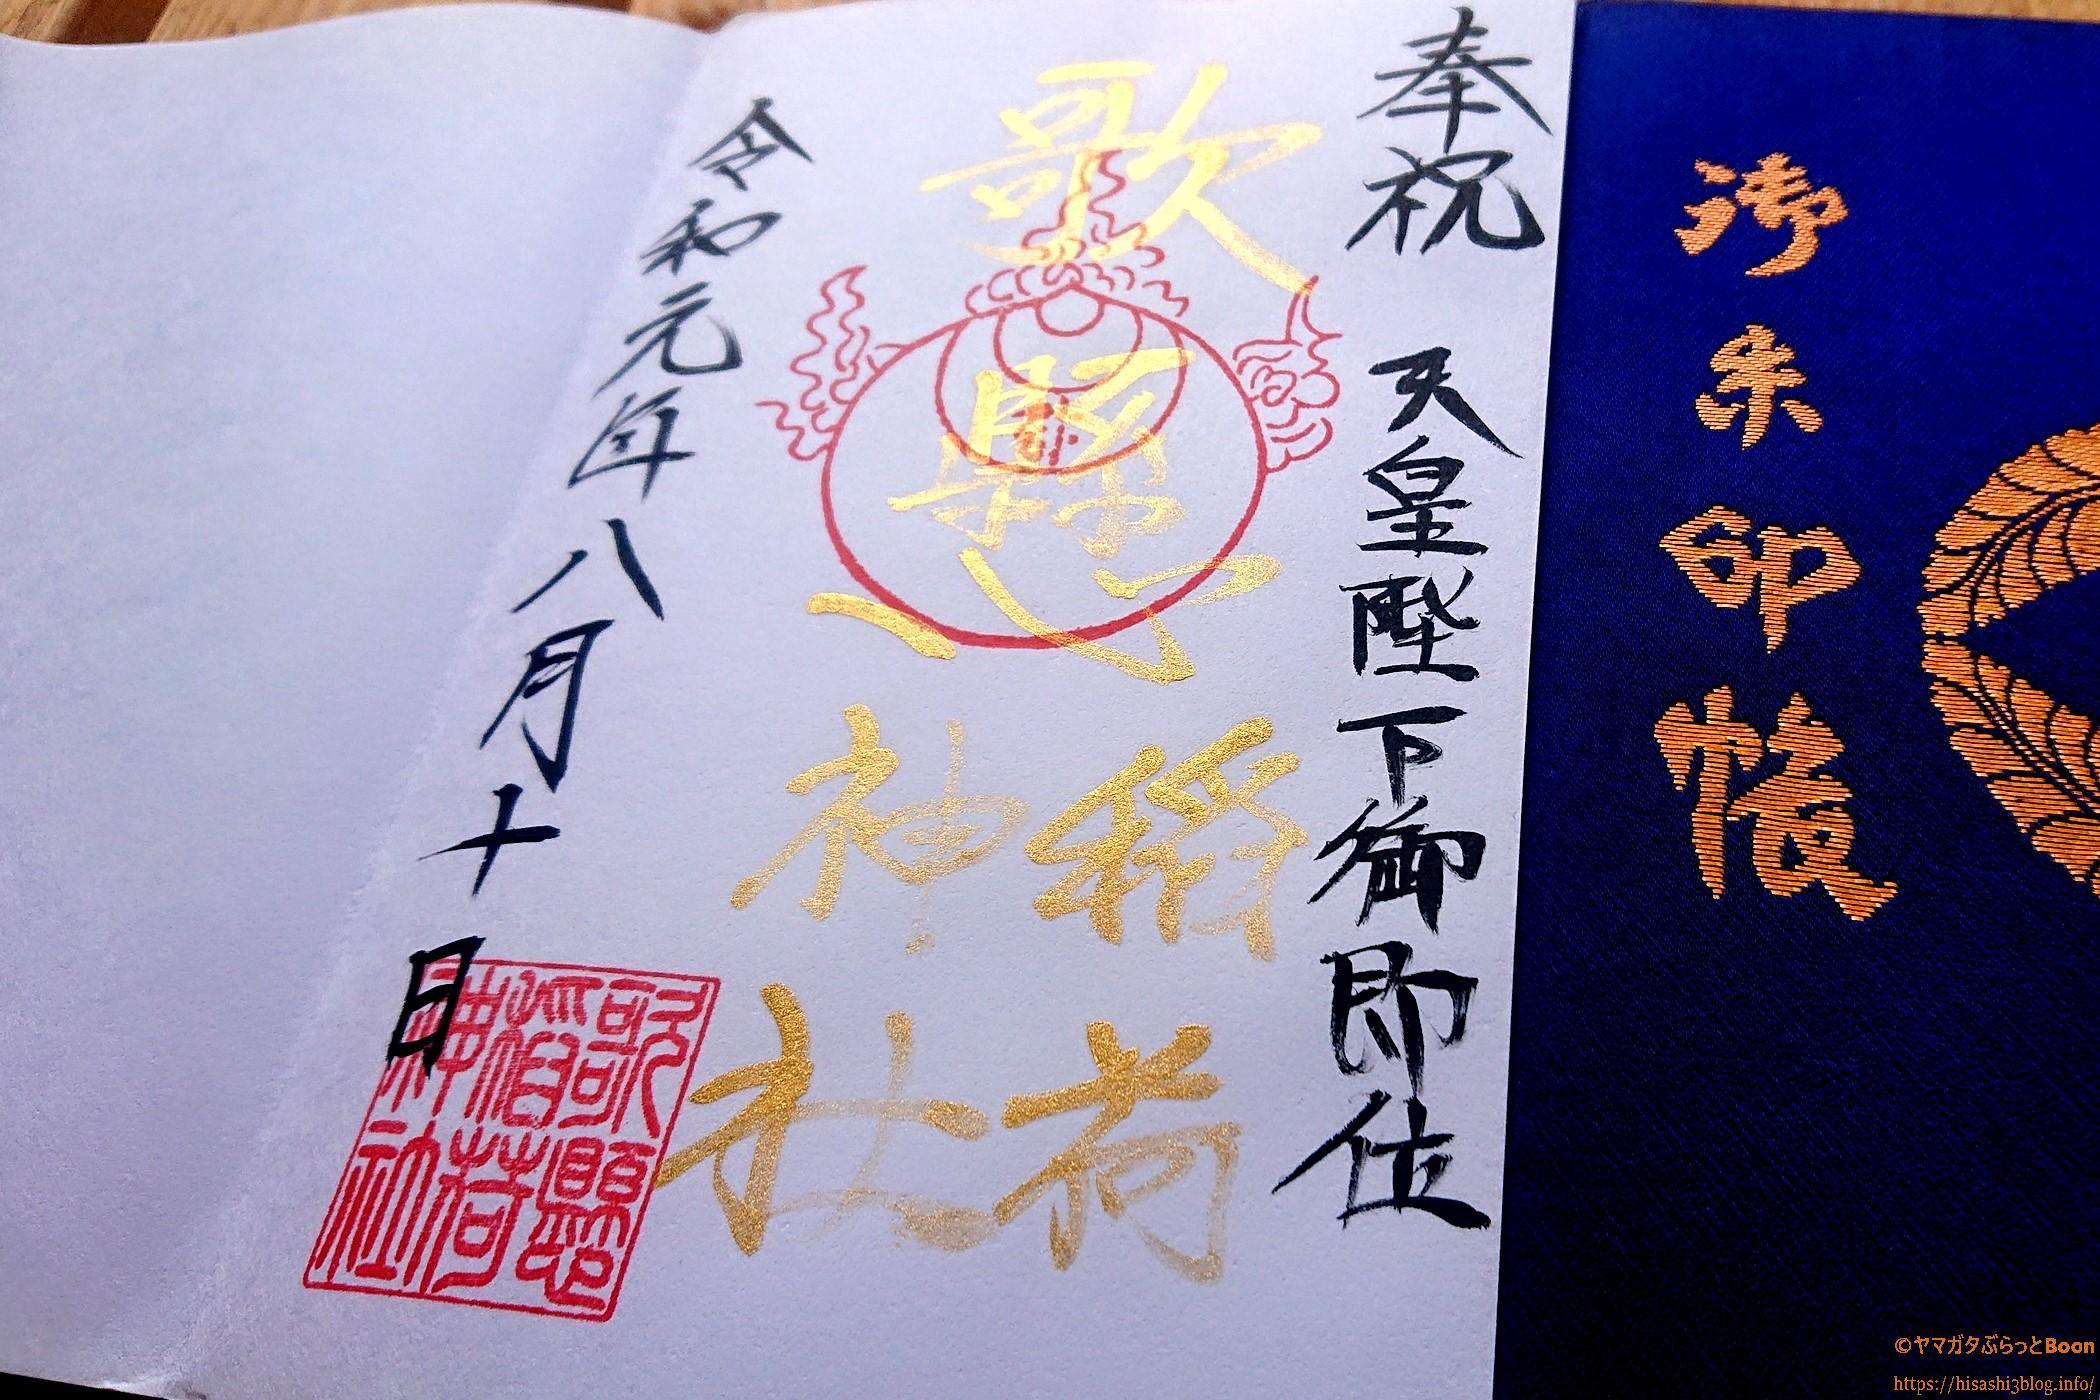 歌懸稲荷神社の御朱印 令和バージョン